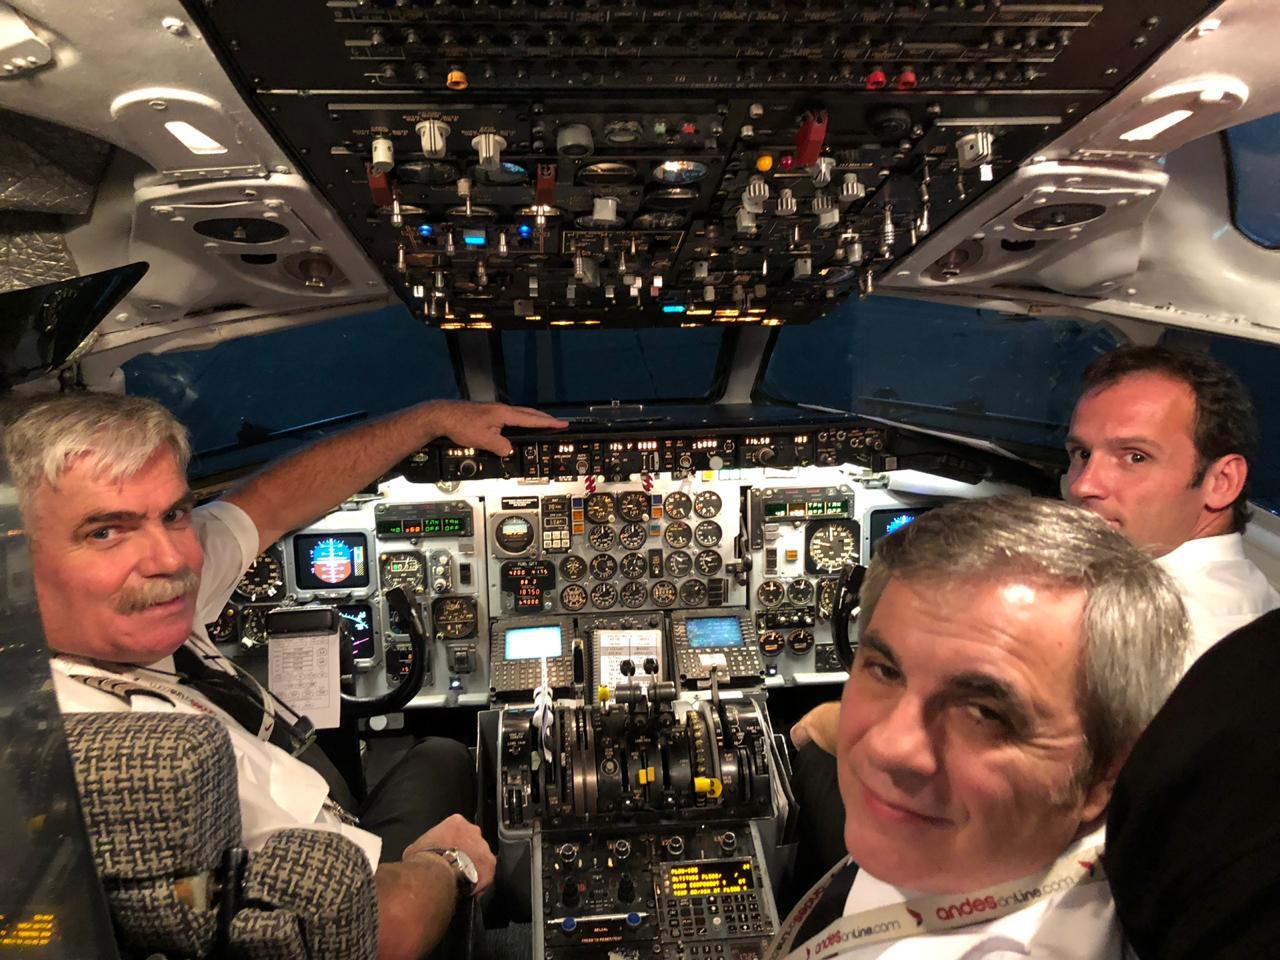 La tripulación del avión Andes que llevó a los familiares al aeropuerto de Mount Pleasant